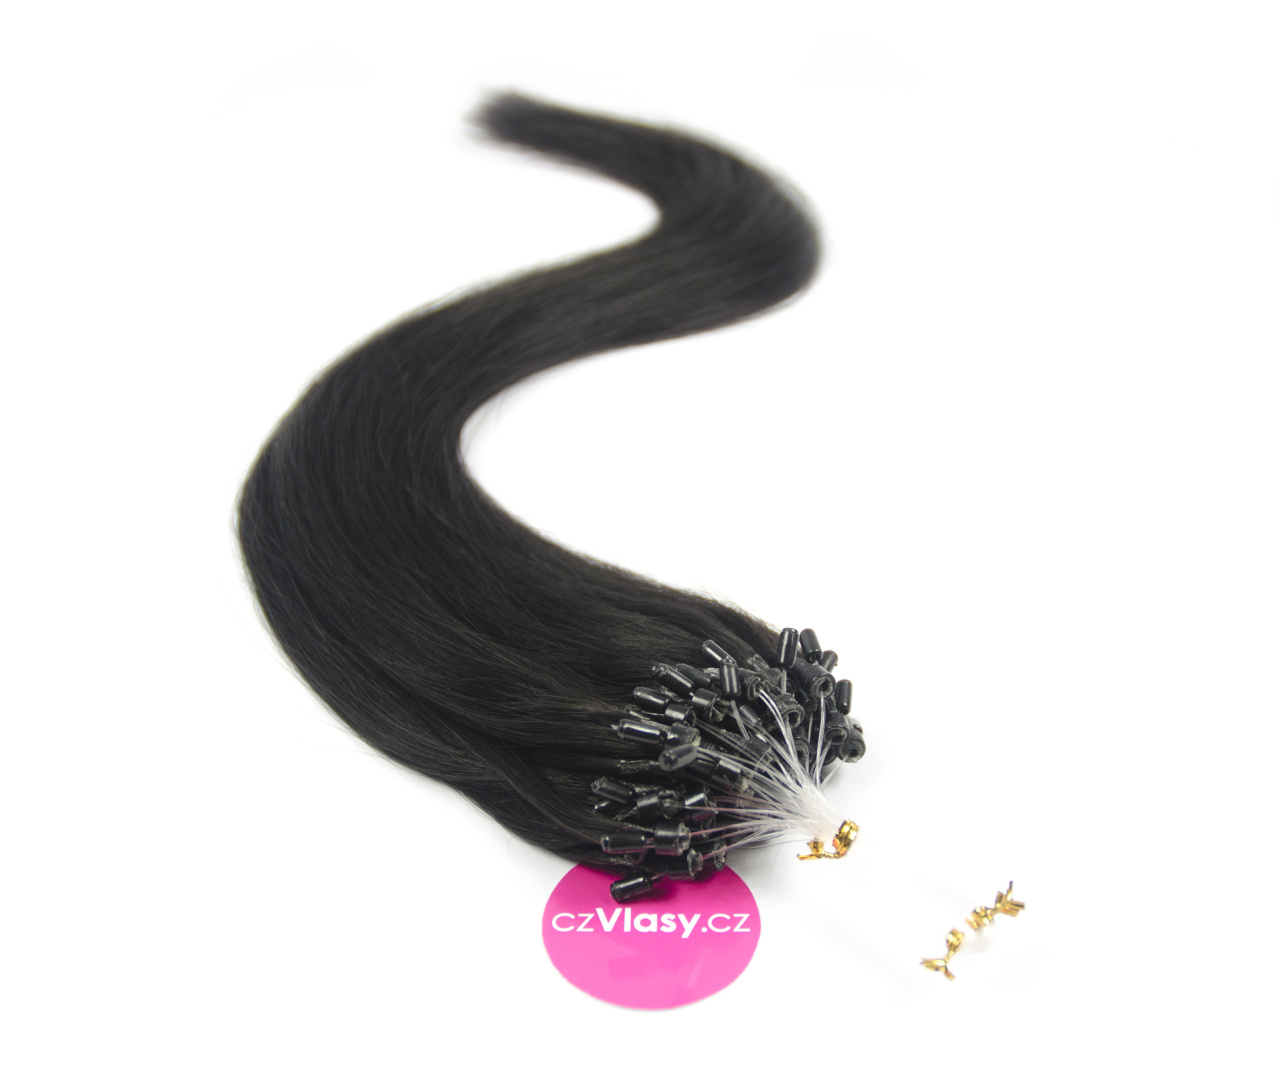 Indické vlasy na metodu micro-ring odstín 1A Délka: 50 cm, Hmotnost: 0,8 g/pramínek, REMY